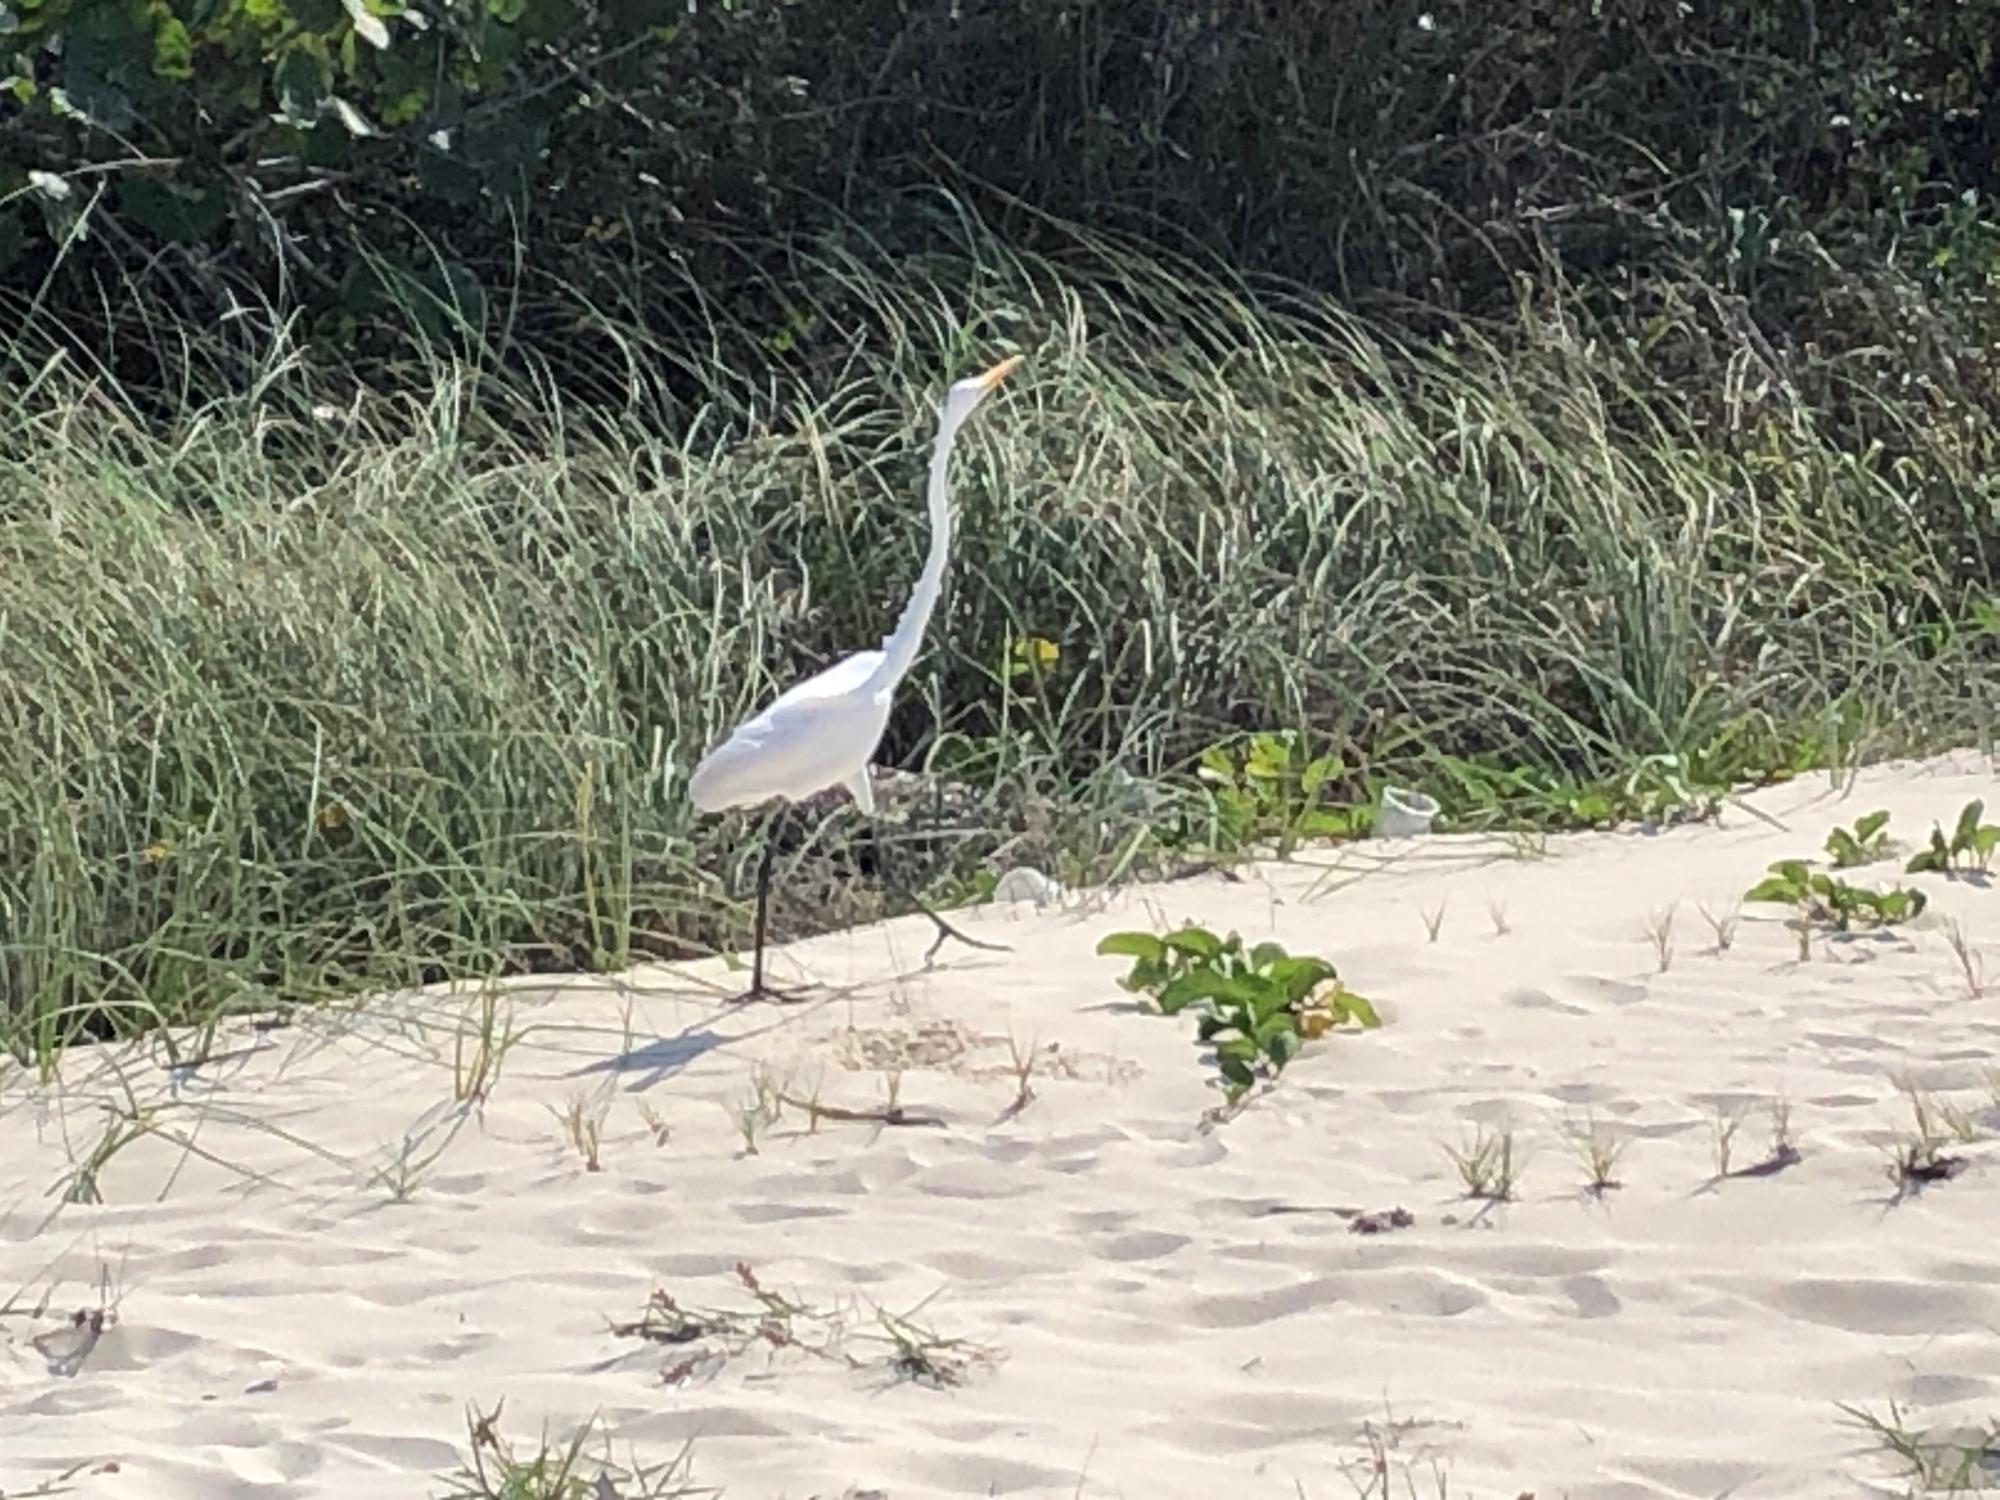 Легендарная птица Ко-Ко, слегка напоминает лепесток белой лилии; надеюсь остров примет мою метафору в качестве свидетельства понимания:)